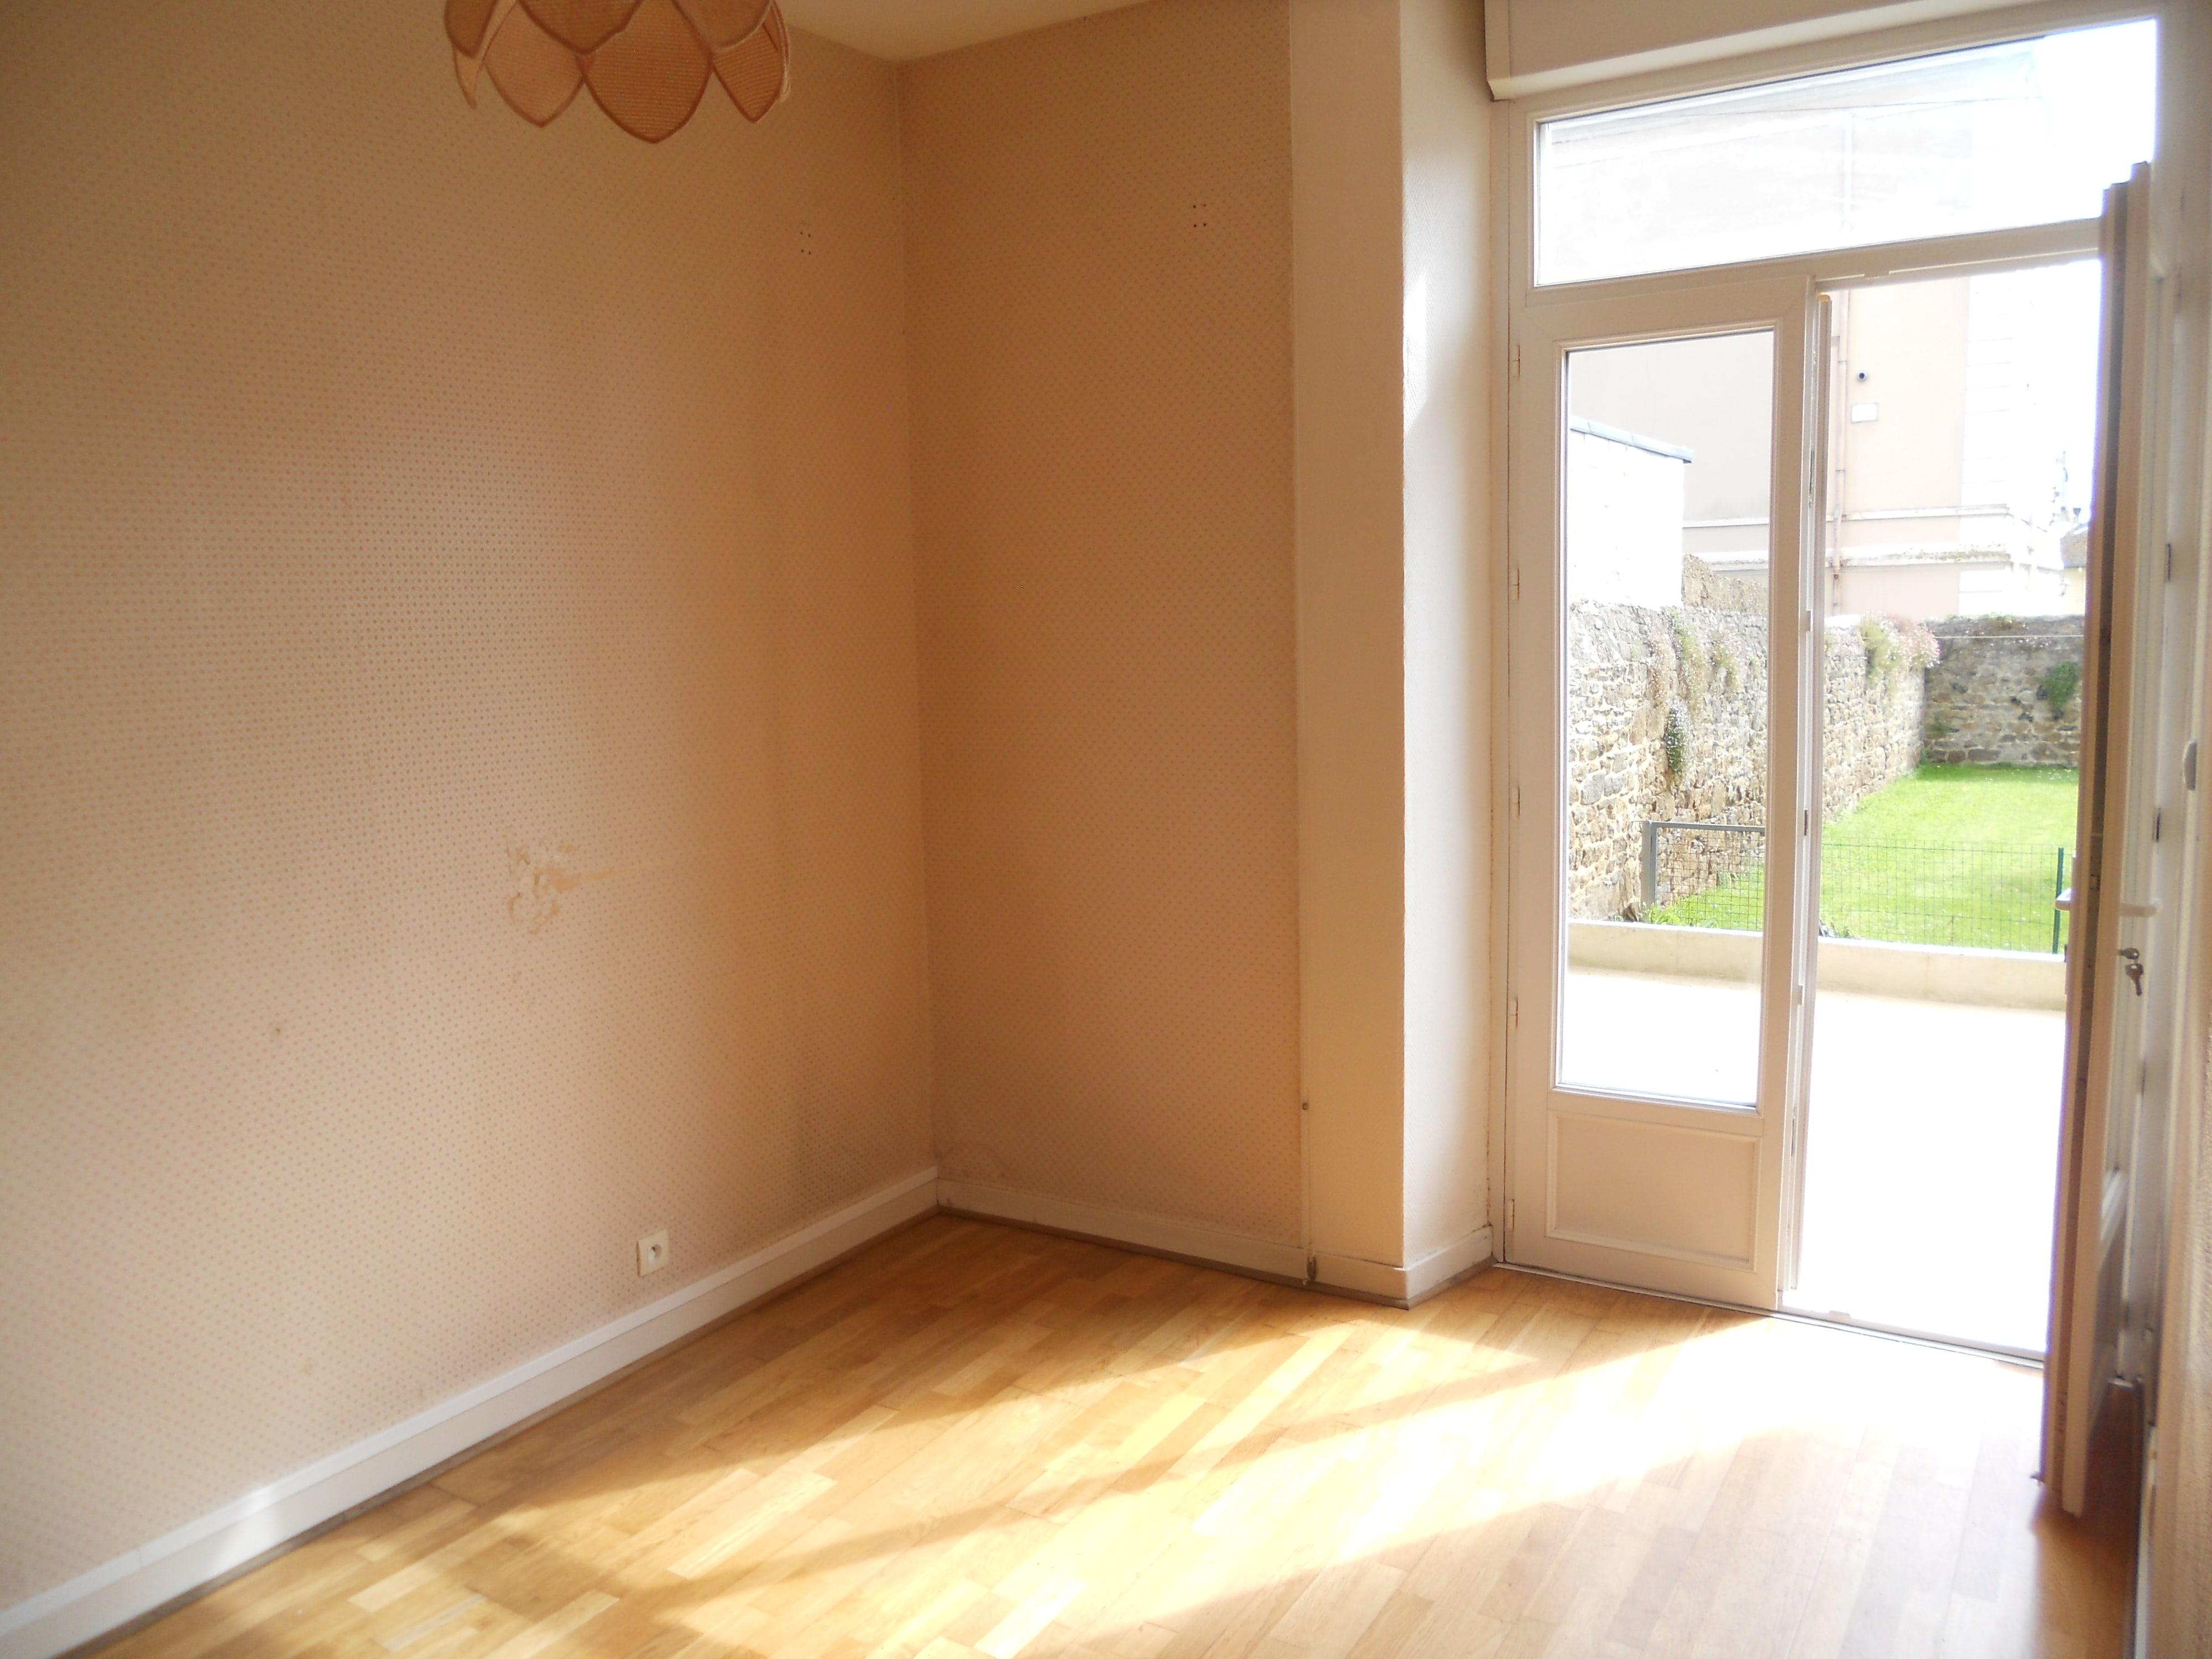 Appartement 2 pièces centre St Servan St Malo